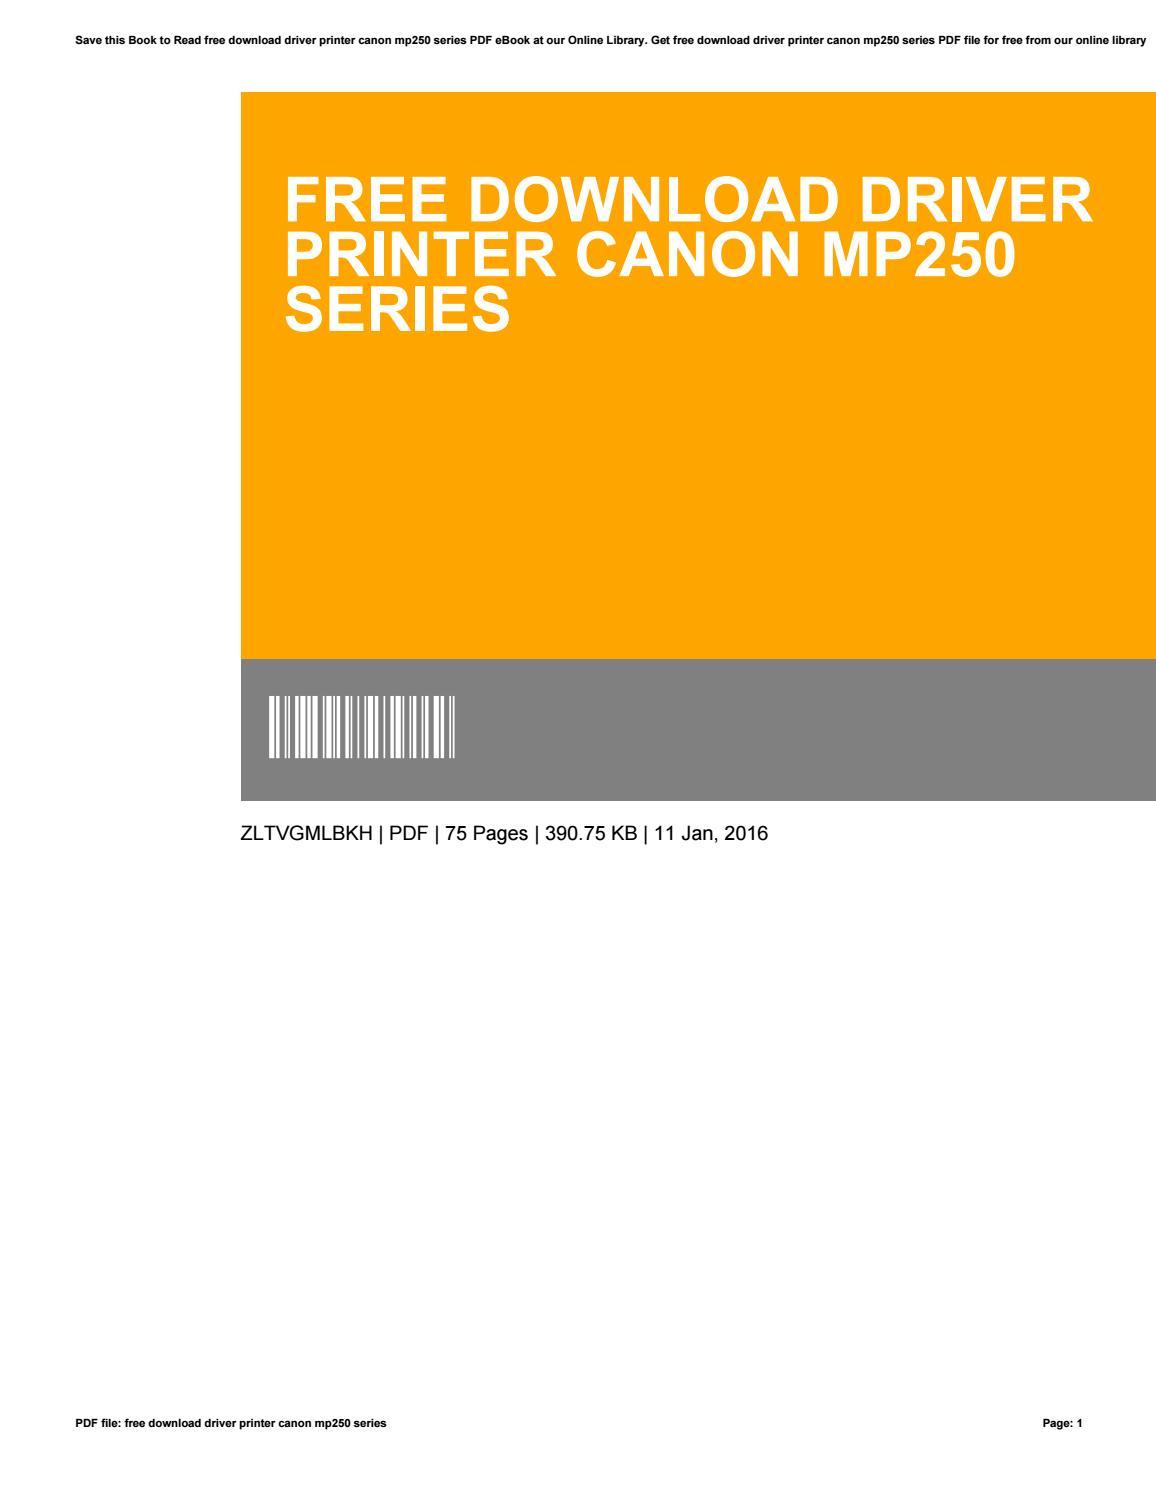 Canon mp250 driver printer free download printers driver canon.